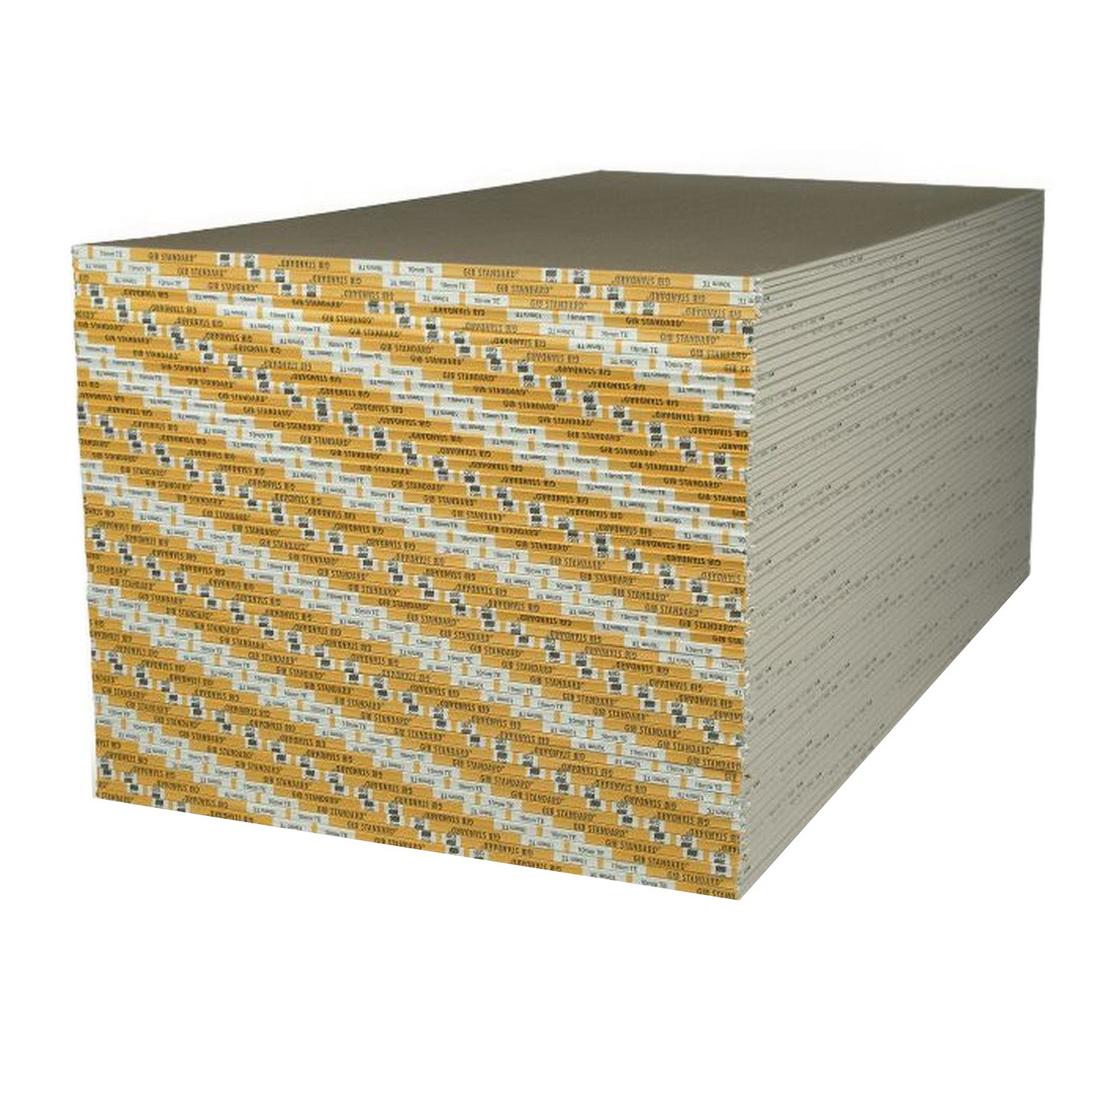 Standard Wallboard 3600 x 1200 x 10mm Taper Edge/Square Edge